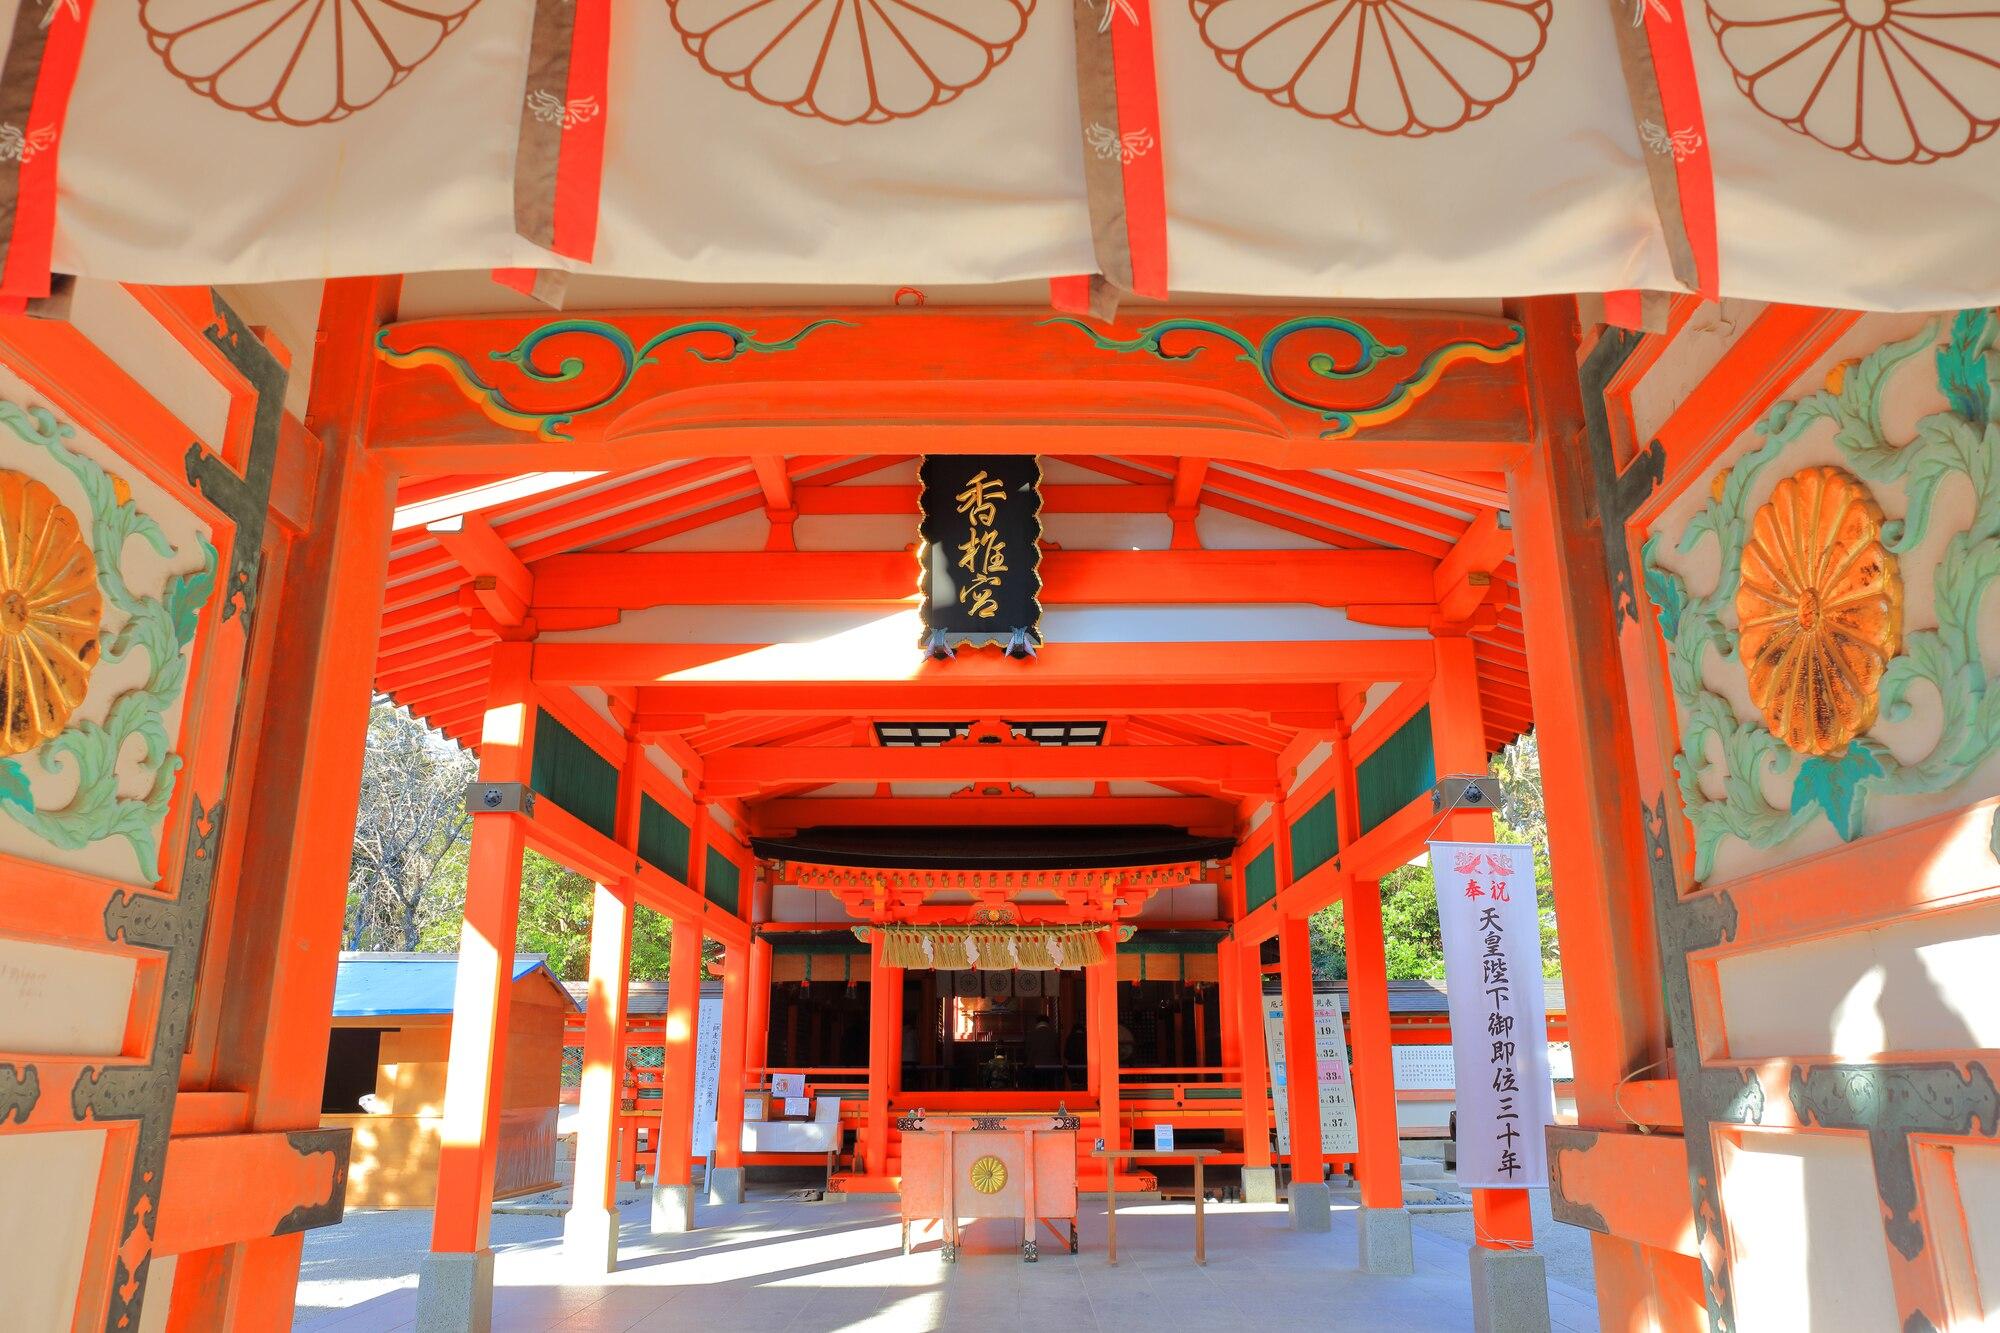 福岡の観光名所!人気パワースポット・香椎宮の魅力に迫る!